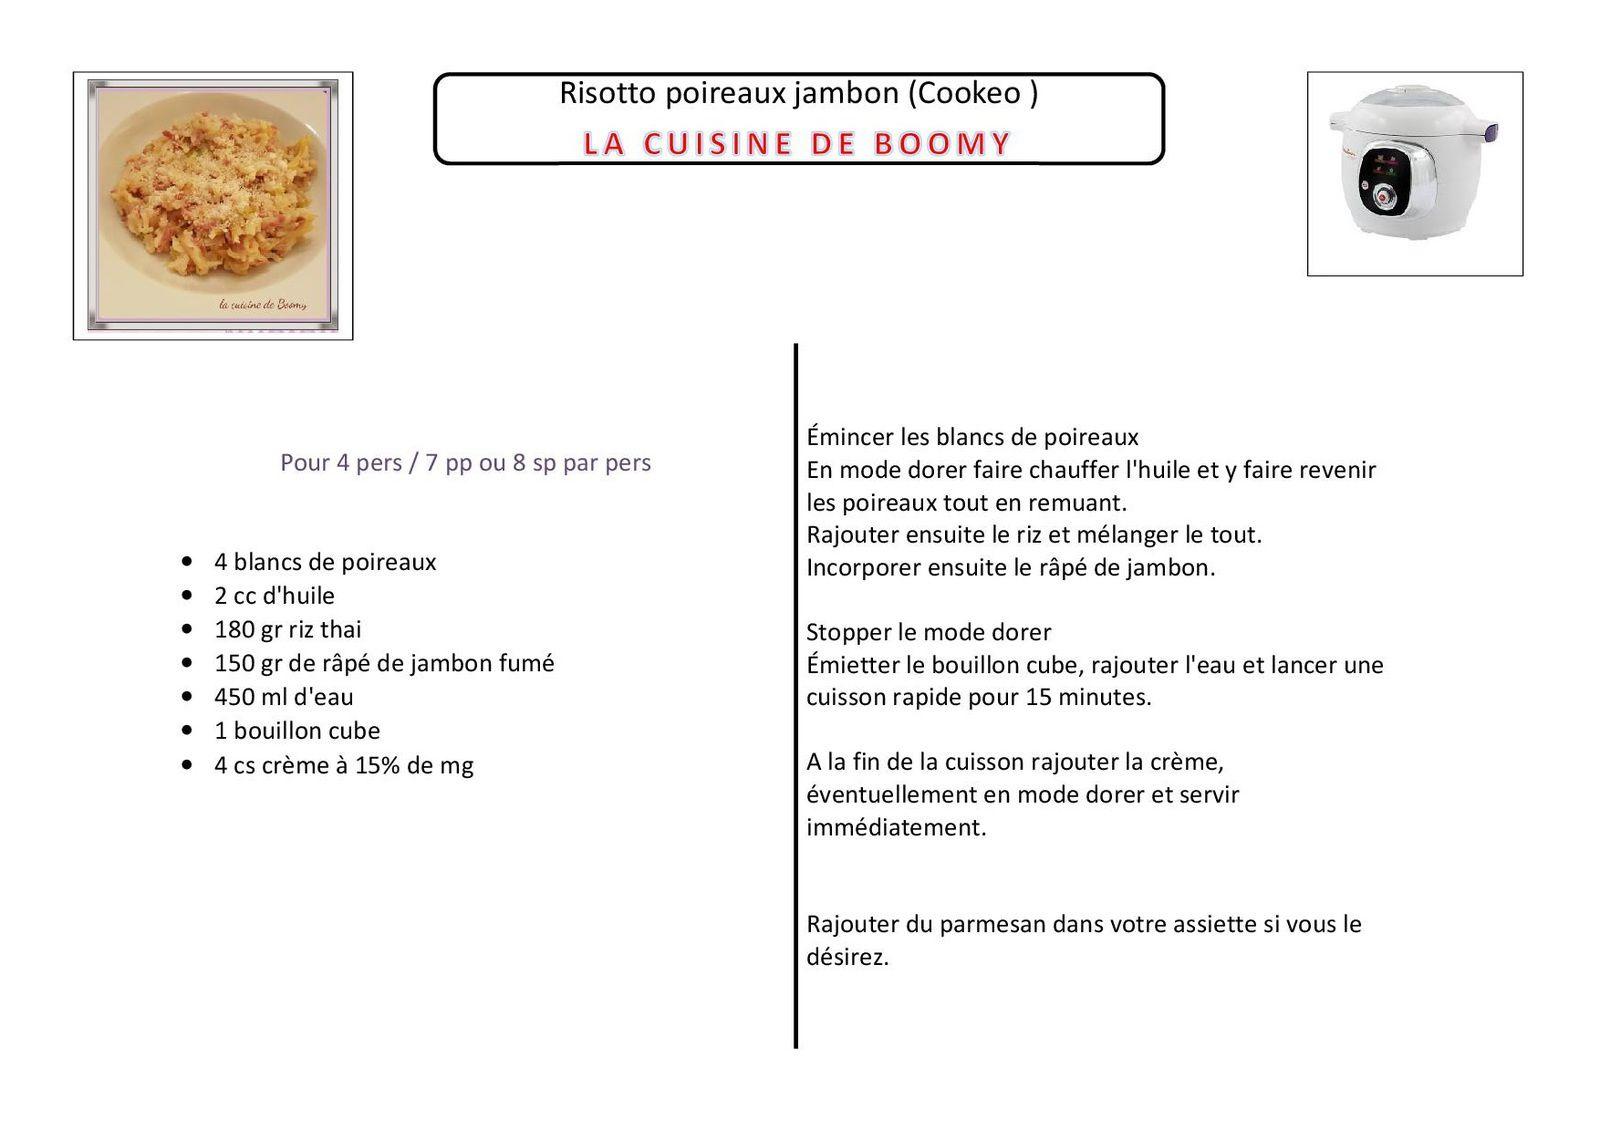 Risotto poireaux jambon (Cookeo )